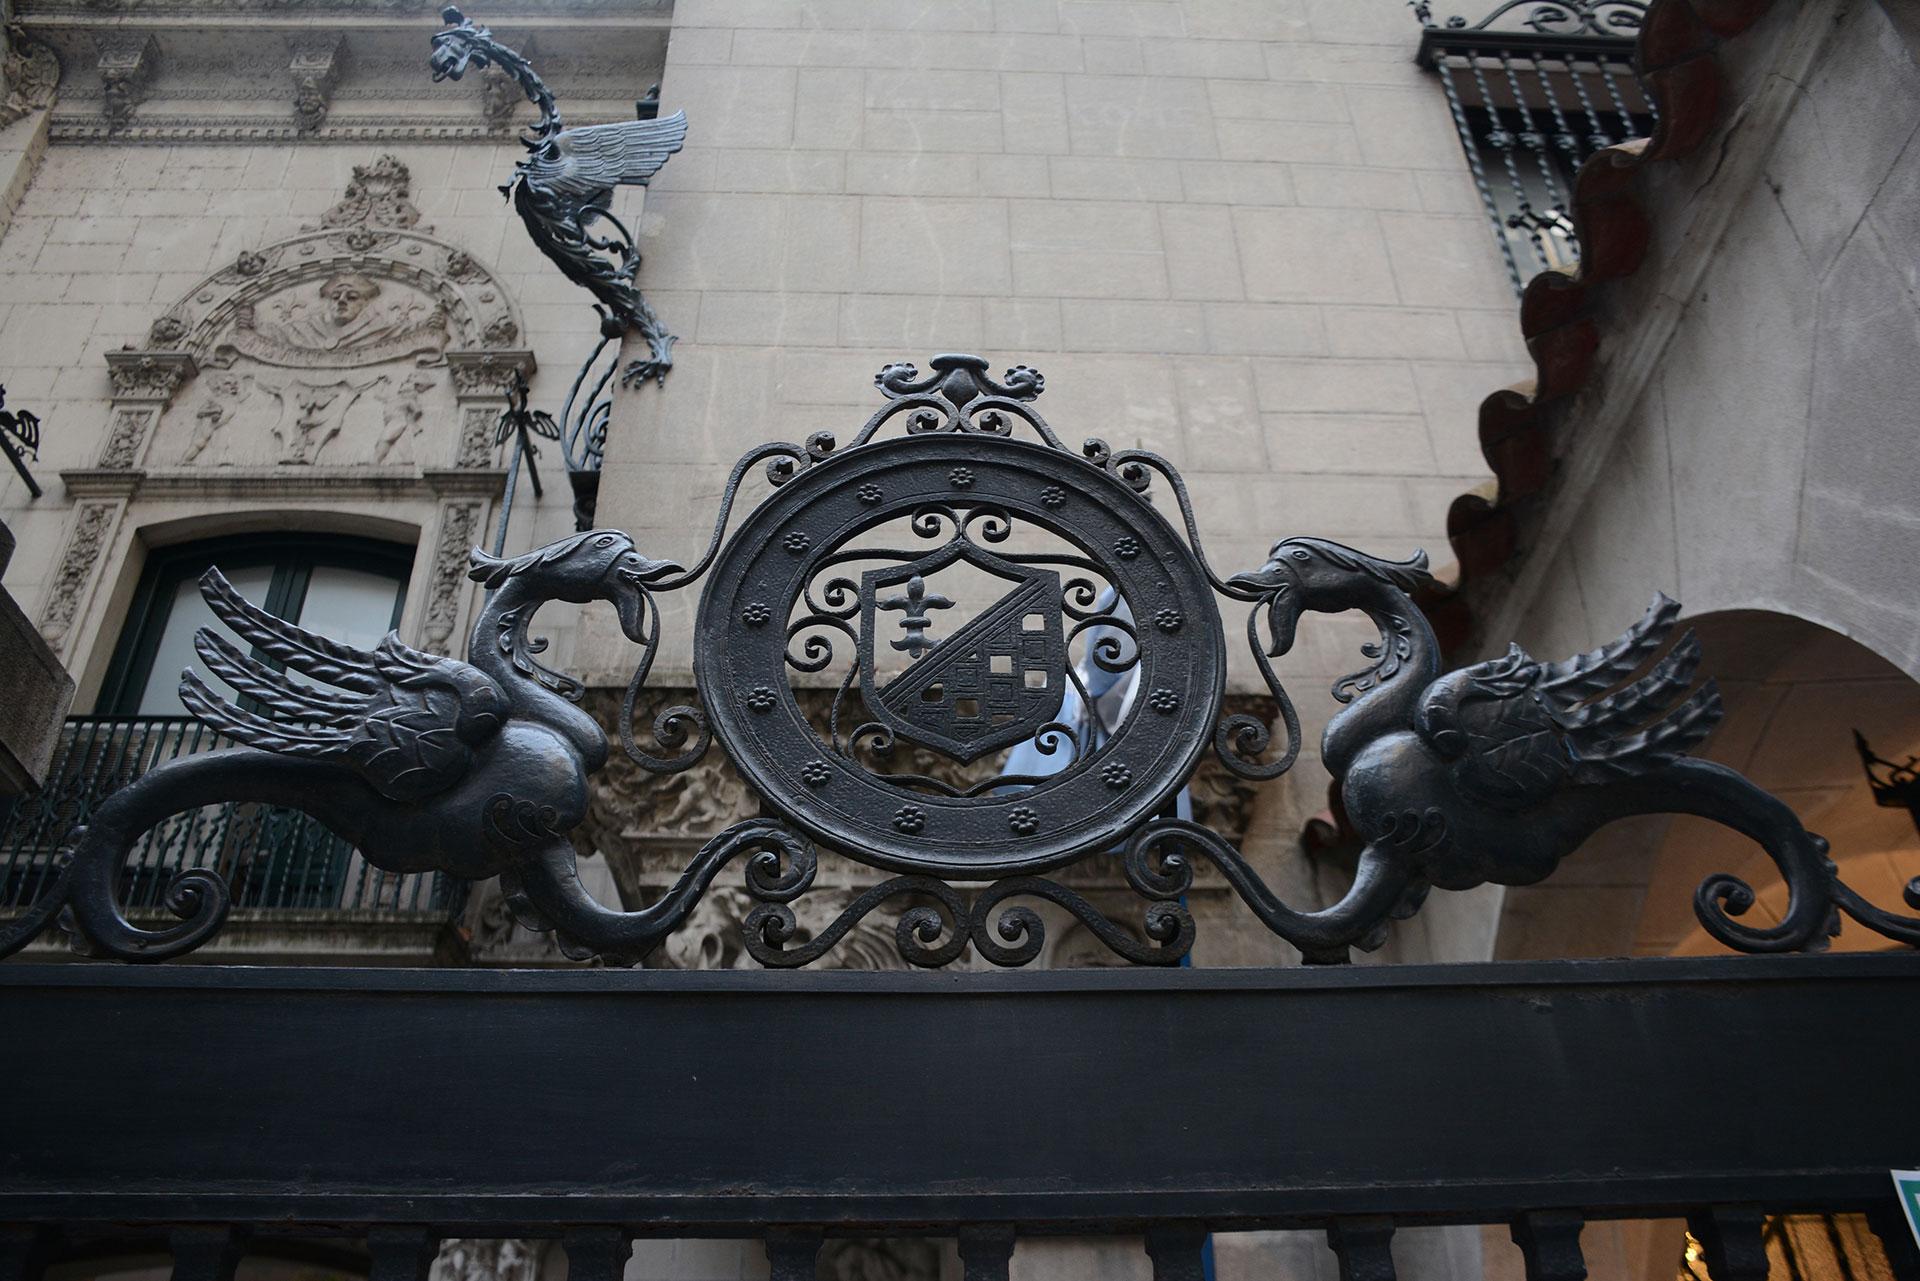 En 1948 la Fundación de Ayuda Social María Eva Duarte de Perón compra la casa para que funcione allí el Hogar de Tránsito Nº 2. En 1999, la casa fue asignada al INIHEP, dependiente del Ministerio de Cultura de la Nación. El Museo fue inaugurado el 26 de julio de 2002 al cumplirse 50 años de la muerte de Evita